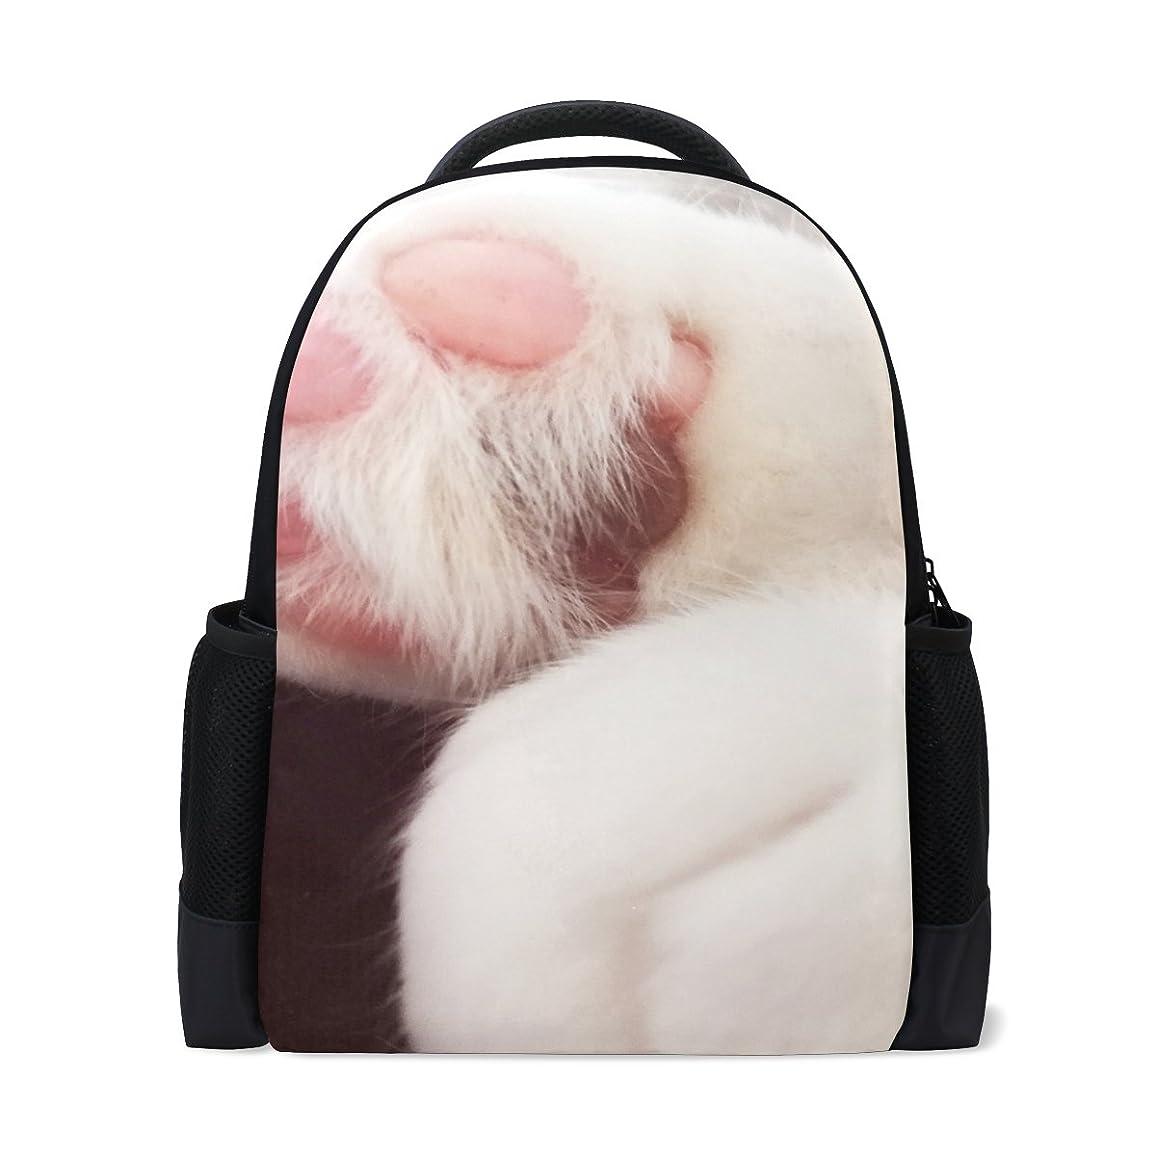 ひも討論指導するAOMOKI リュックサック バッグ 男女兼用 メンズ レディース 通勤 通学 大容量 猫爪 ピンク